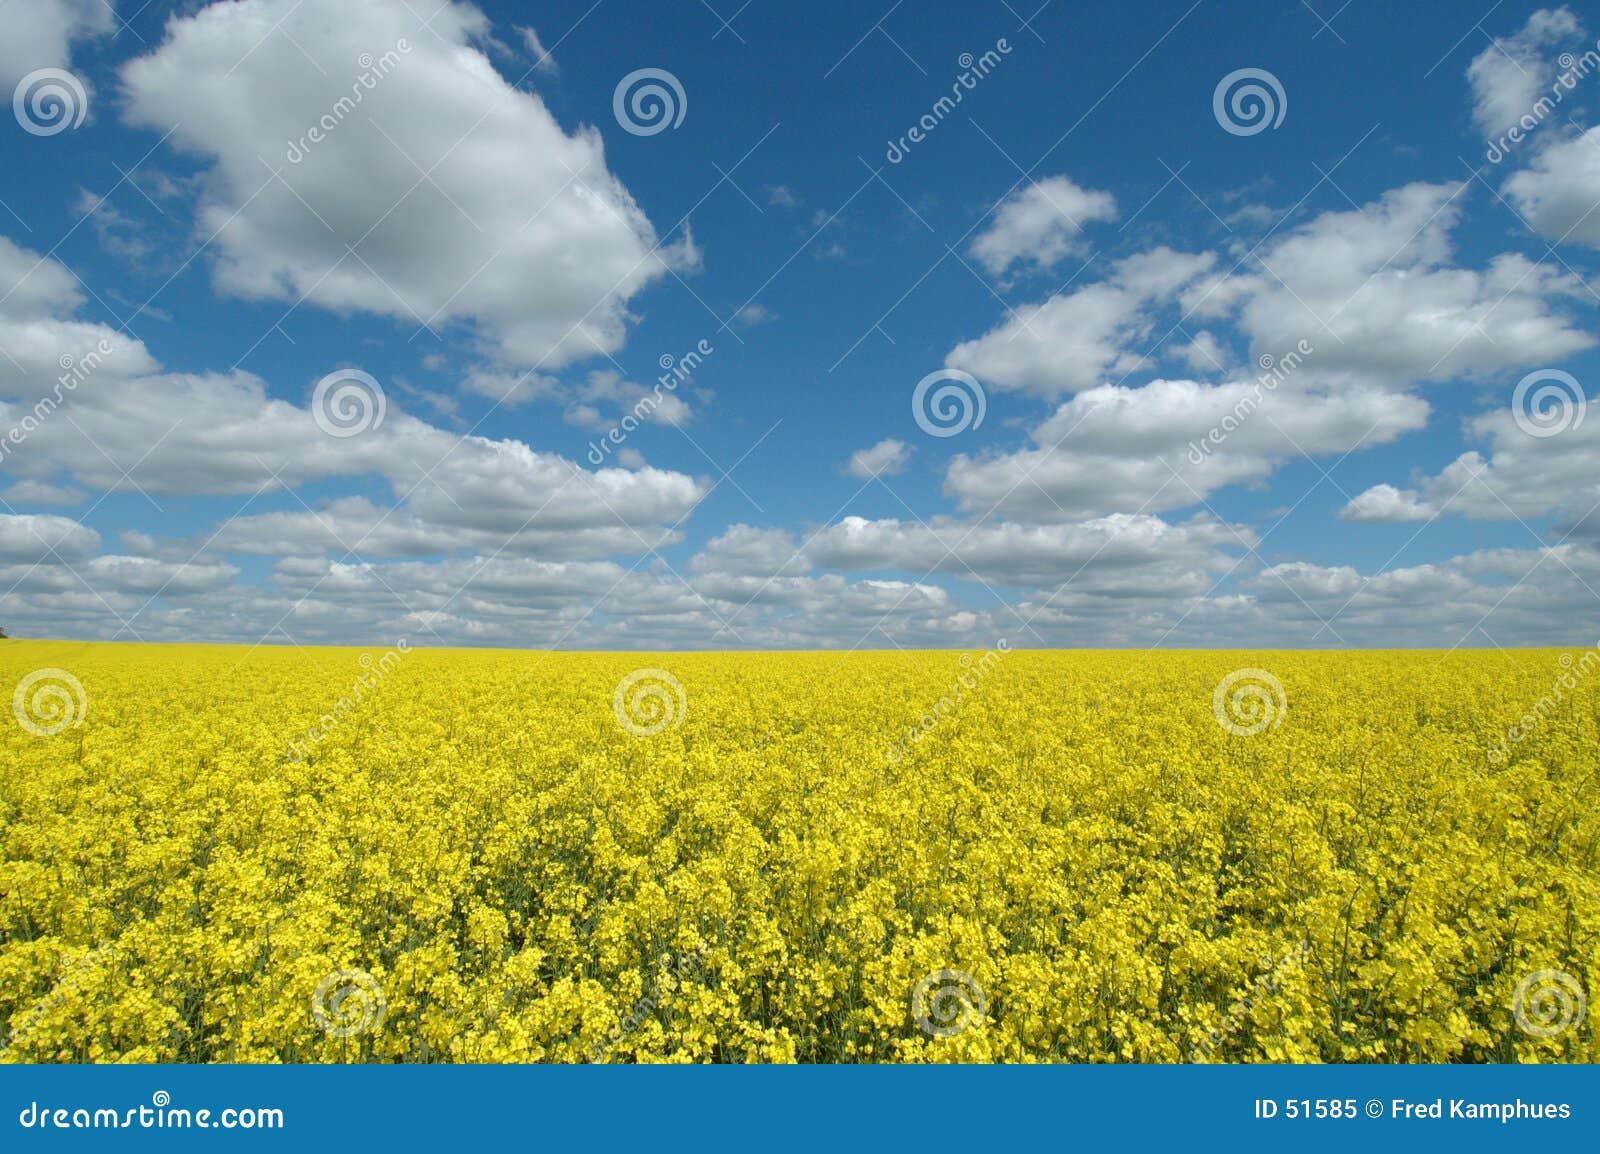 域油菜籽黄色